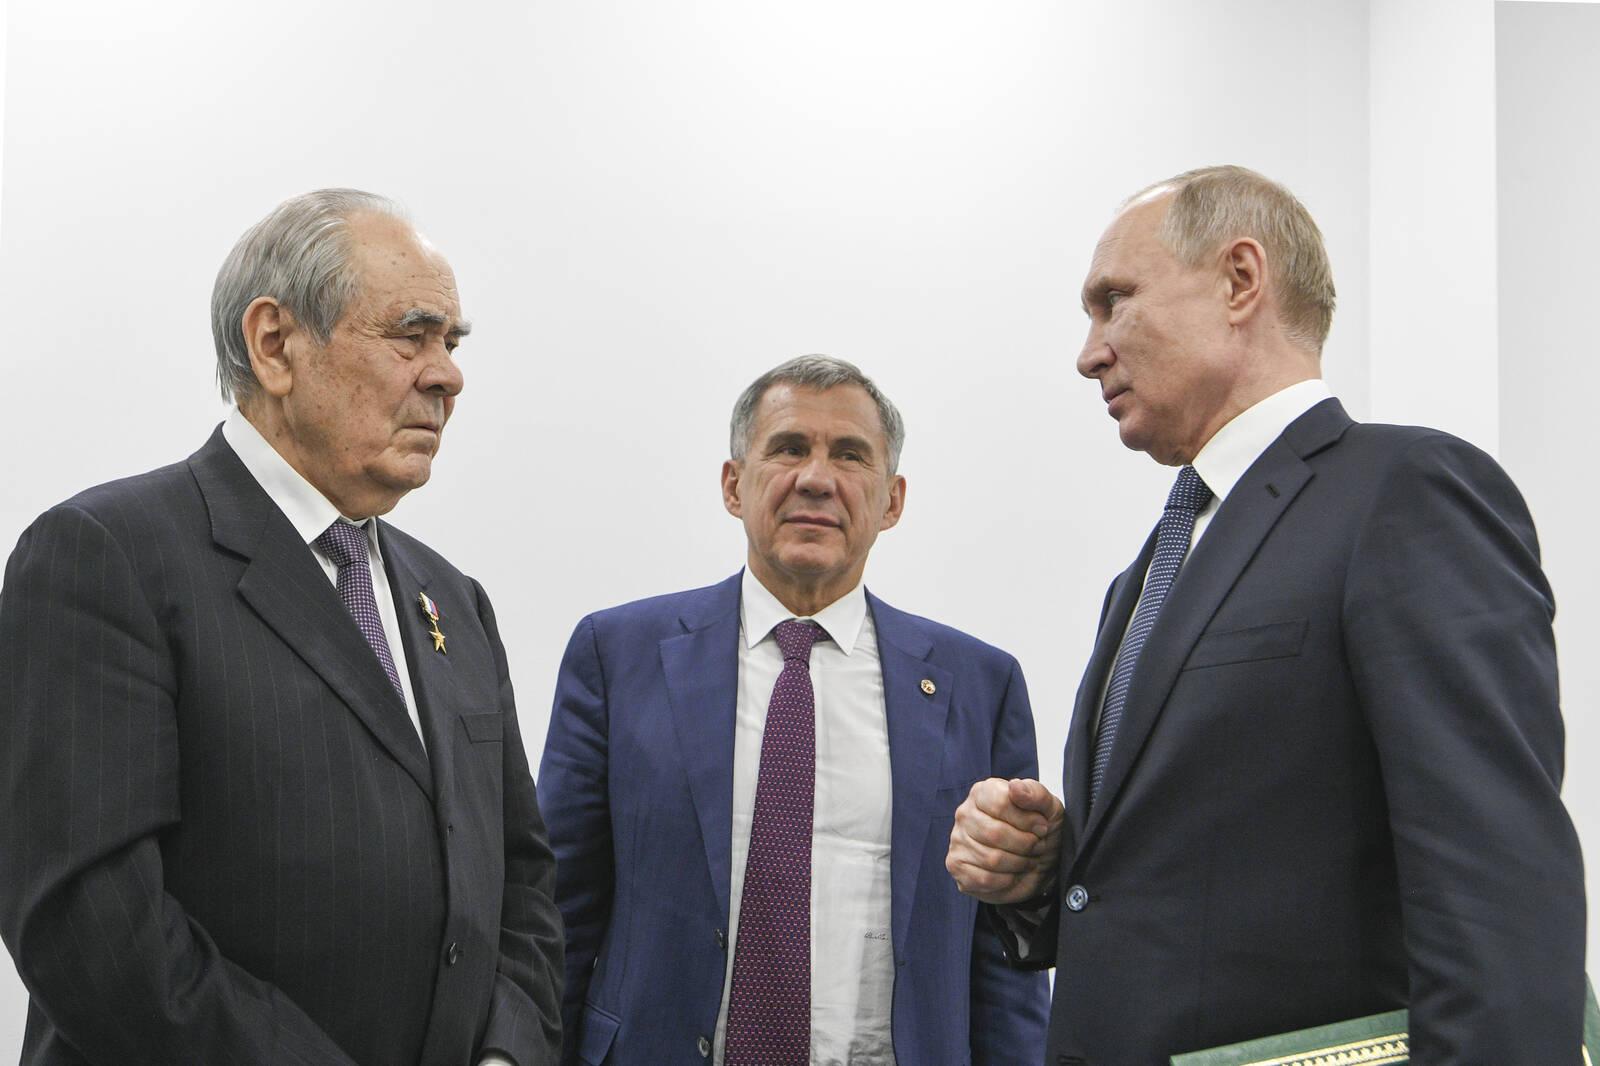 Шаймиев рассказал, как договаривался с Путиным о статусе Татарстана в составе РФ